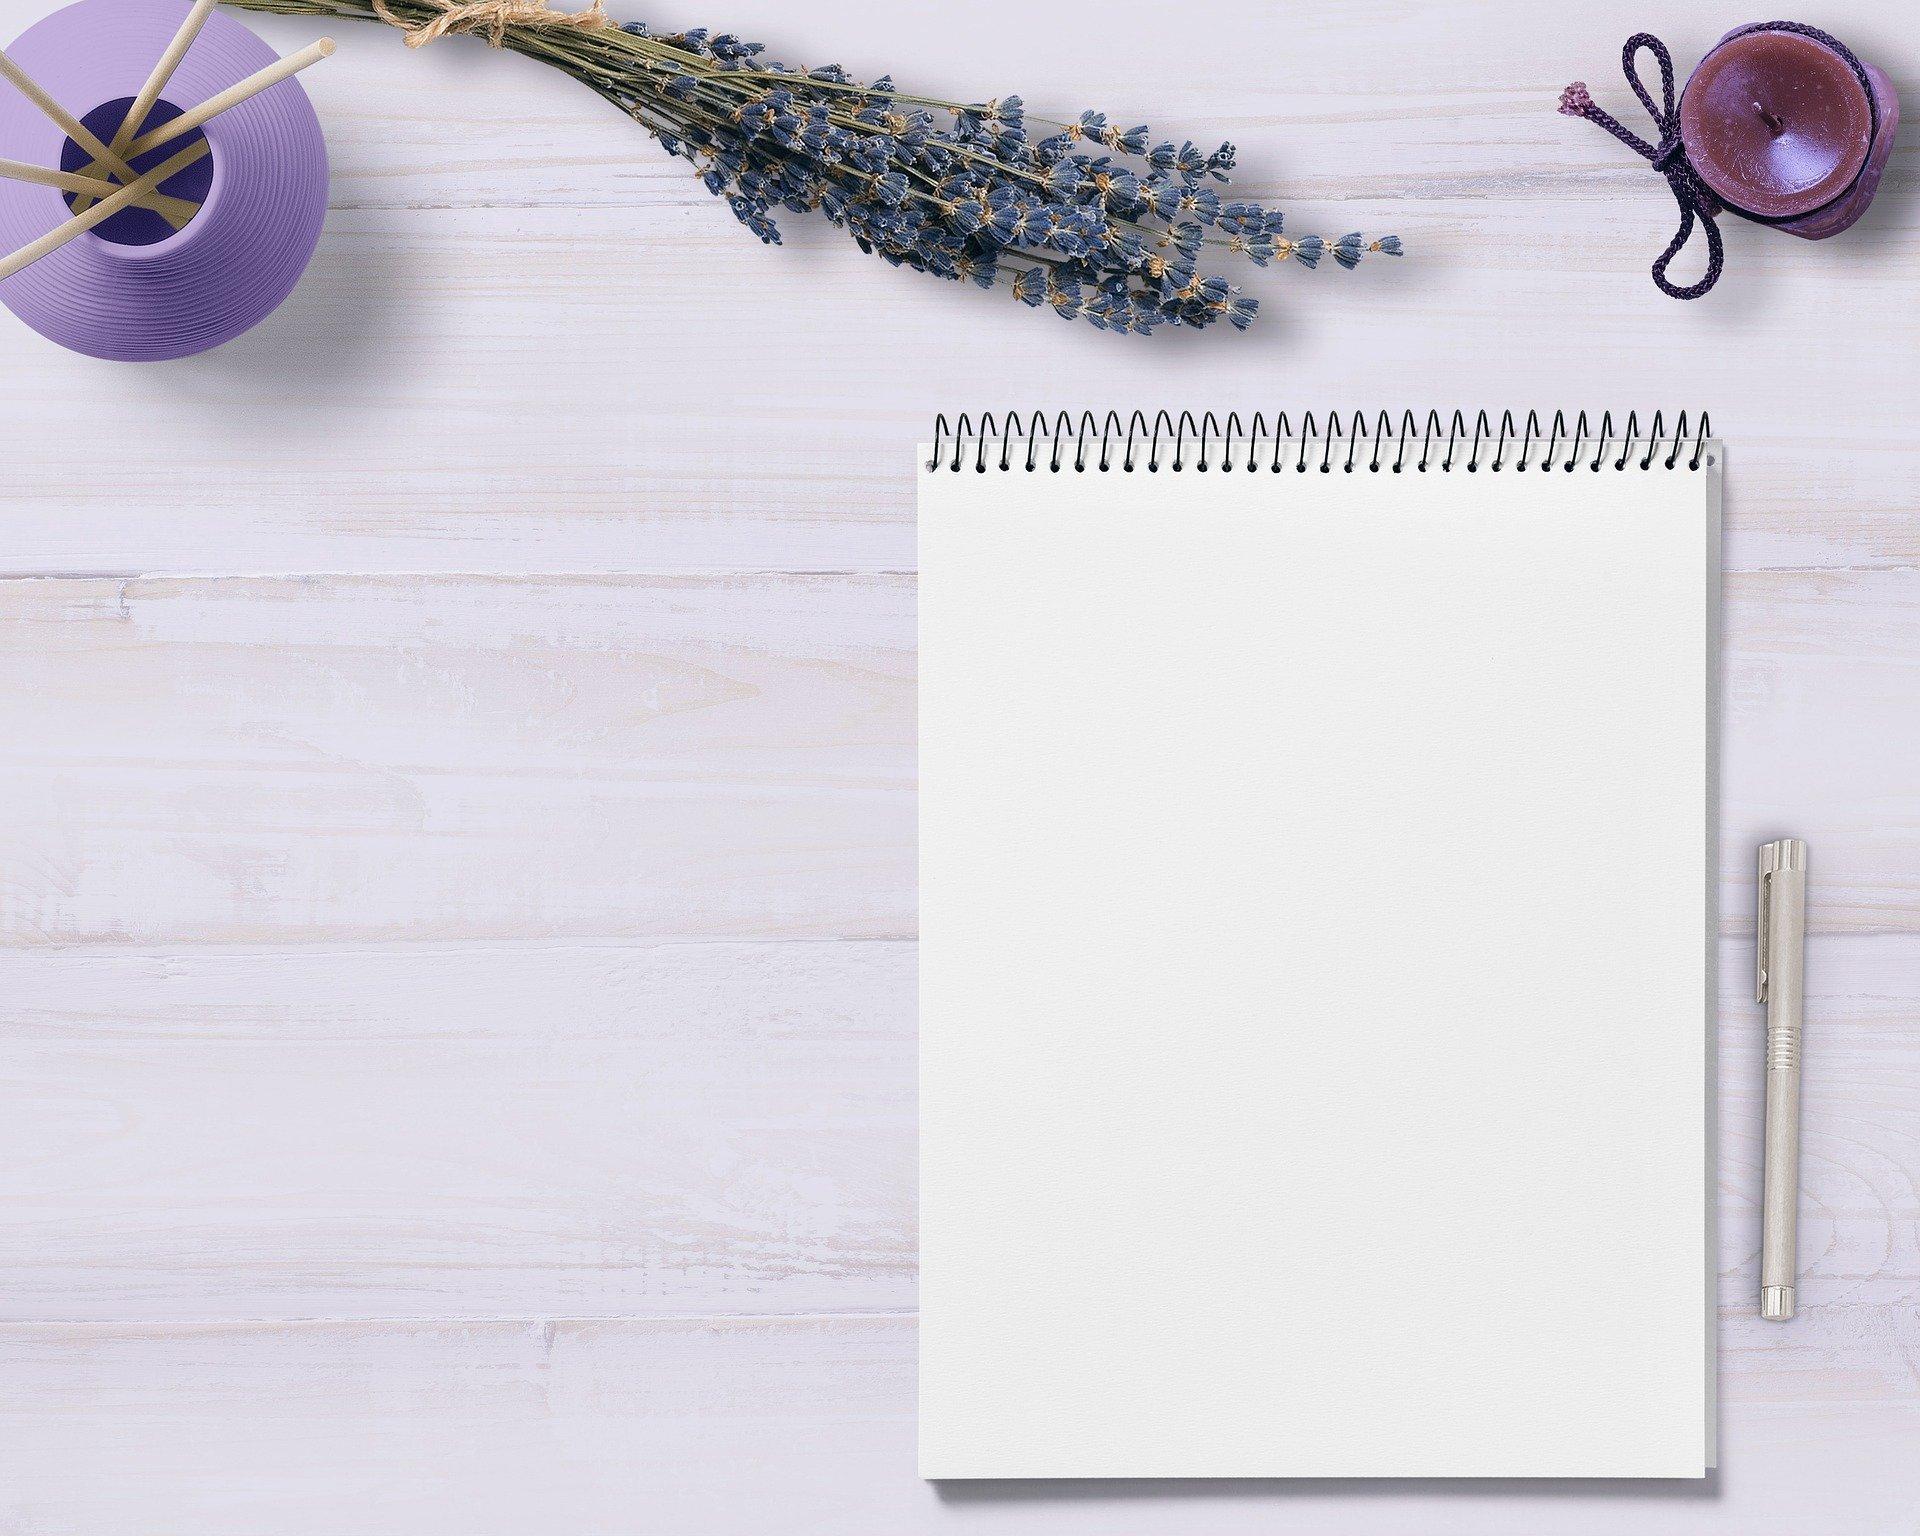 Mesa com caderno, lápis, lavanda